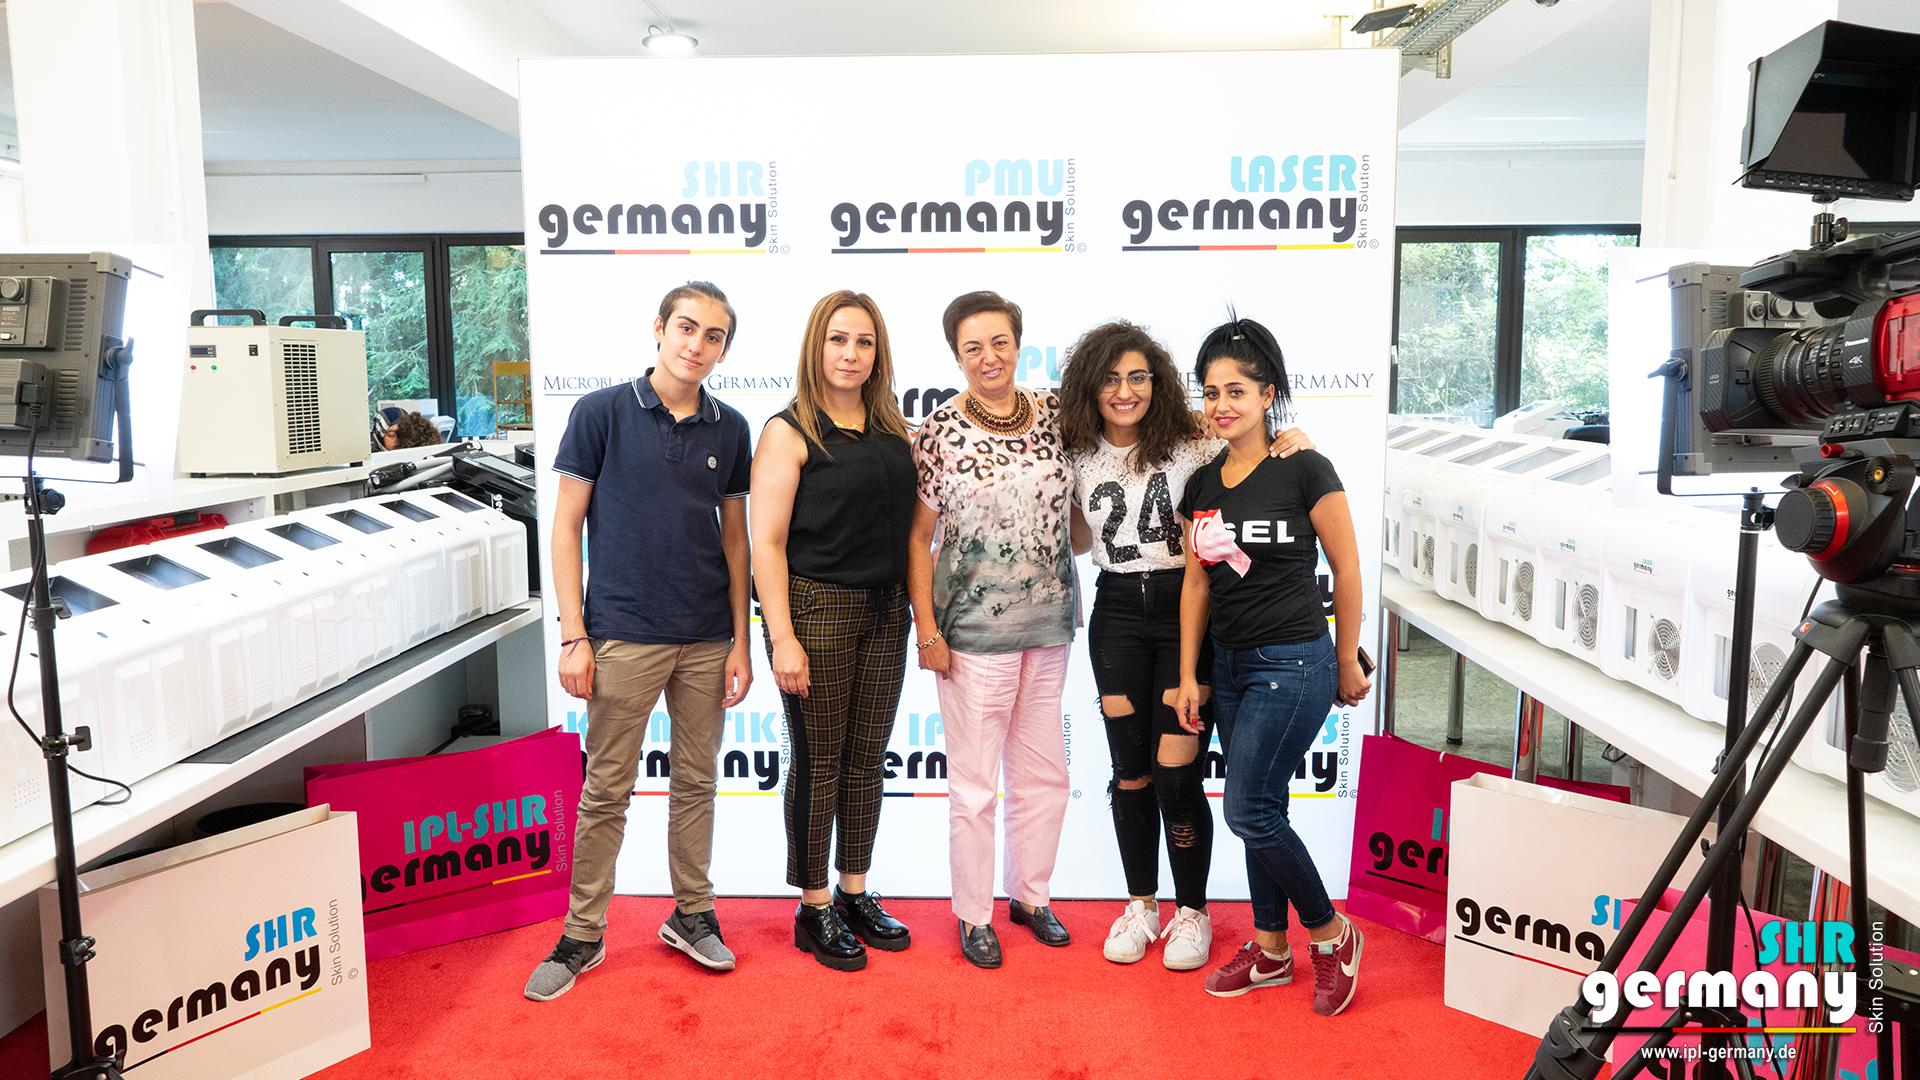 SHR_IPL_Germany_Hausmesse_18